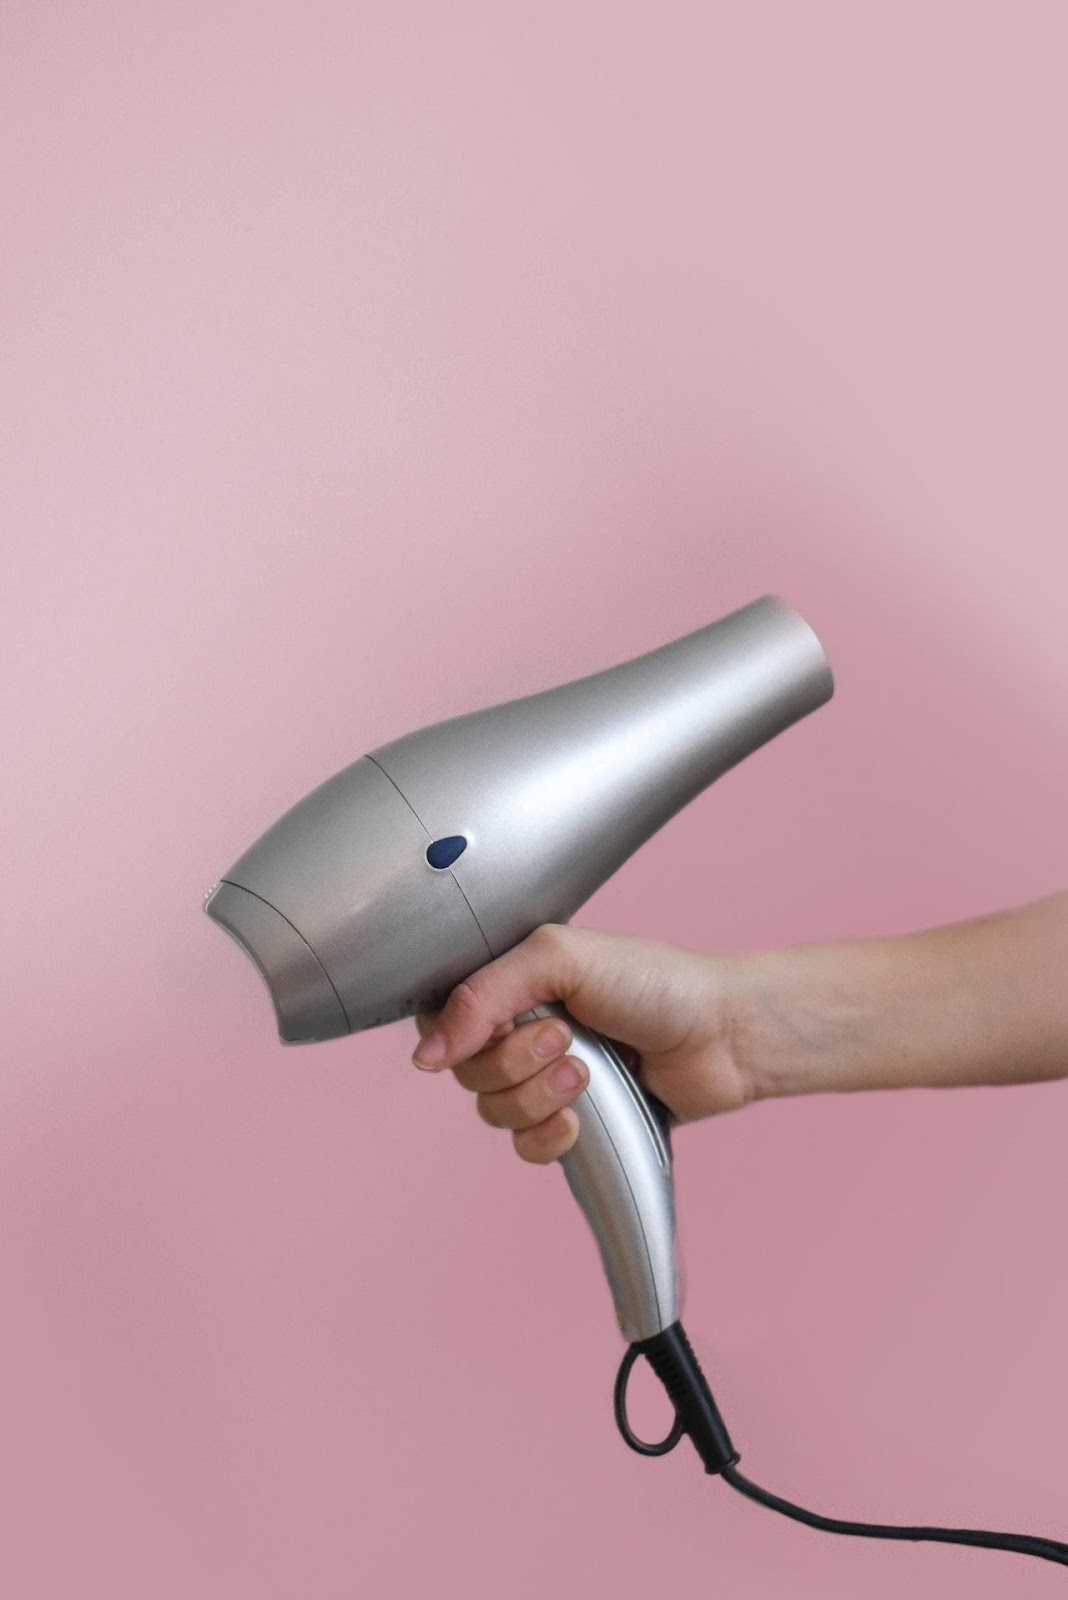 Devacurl hair dryer